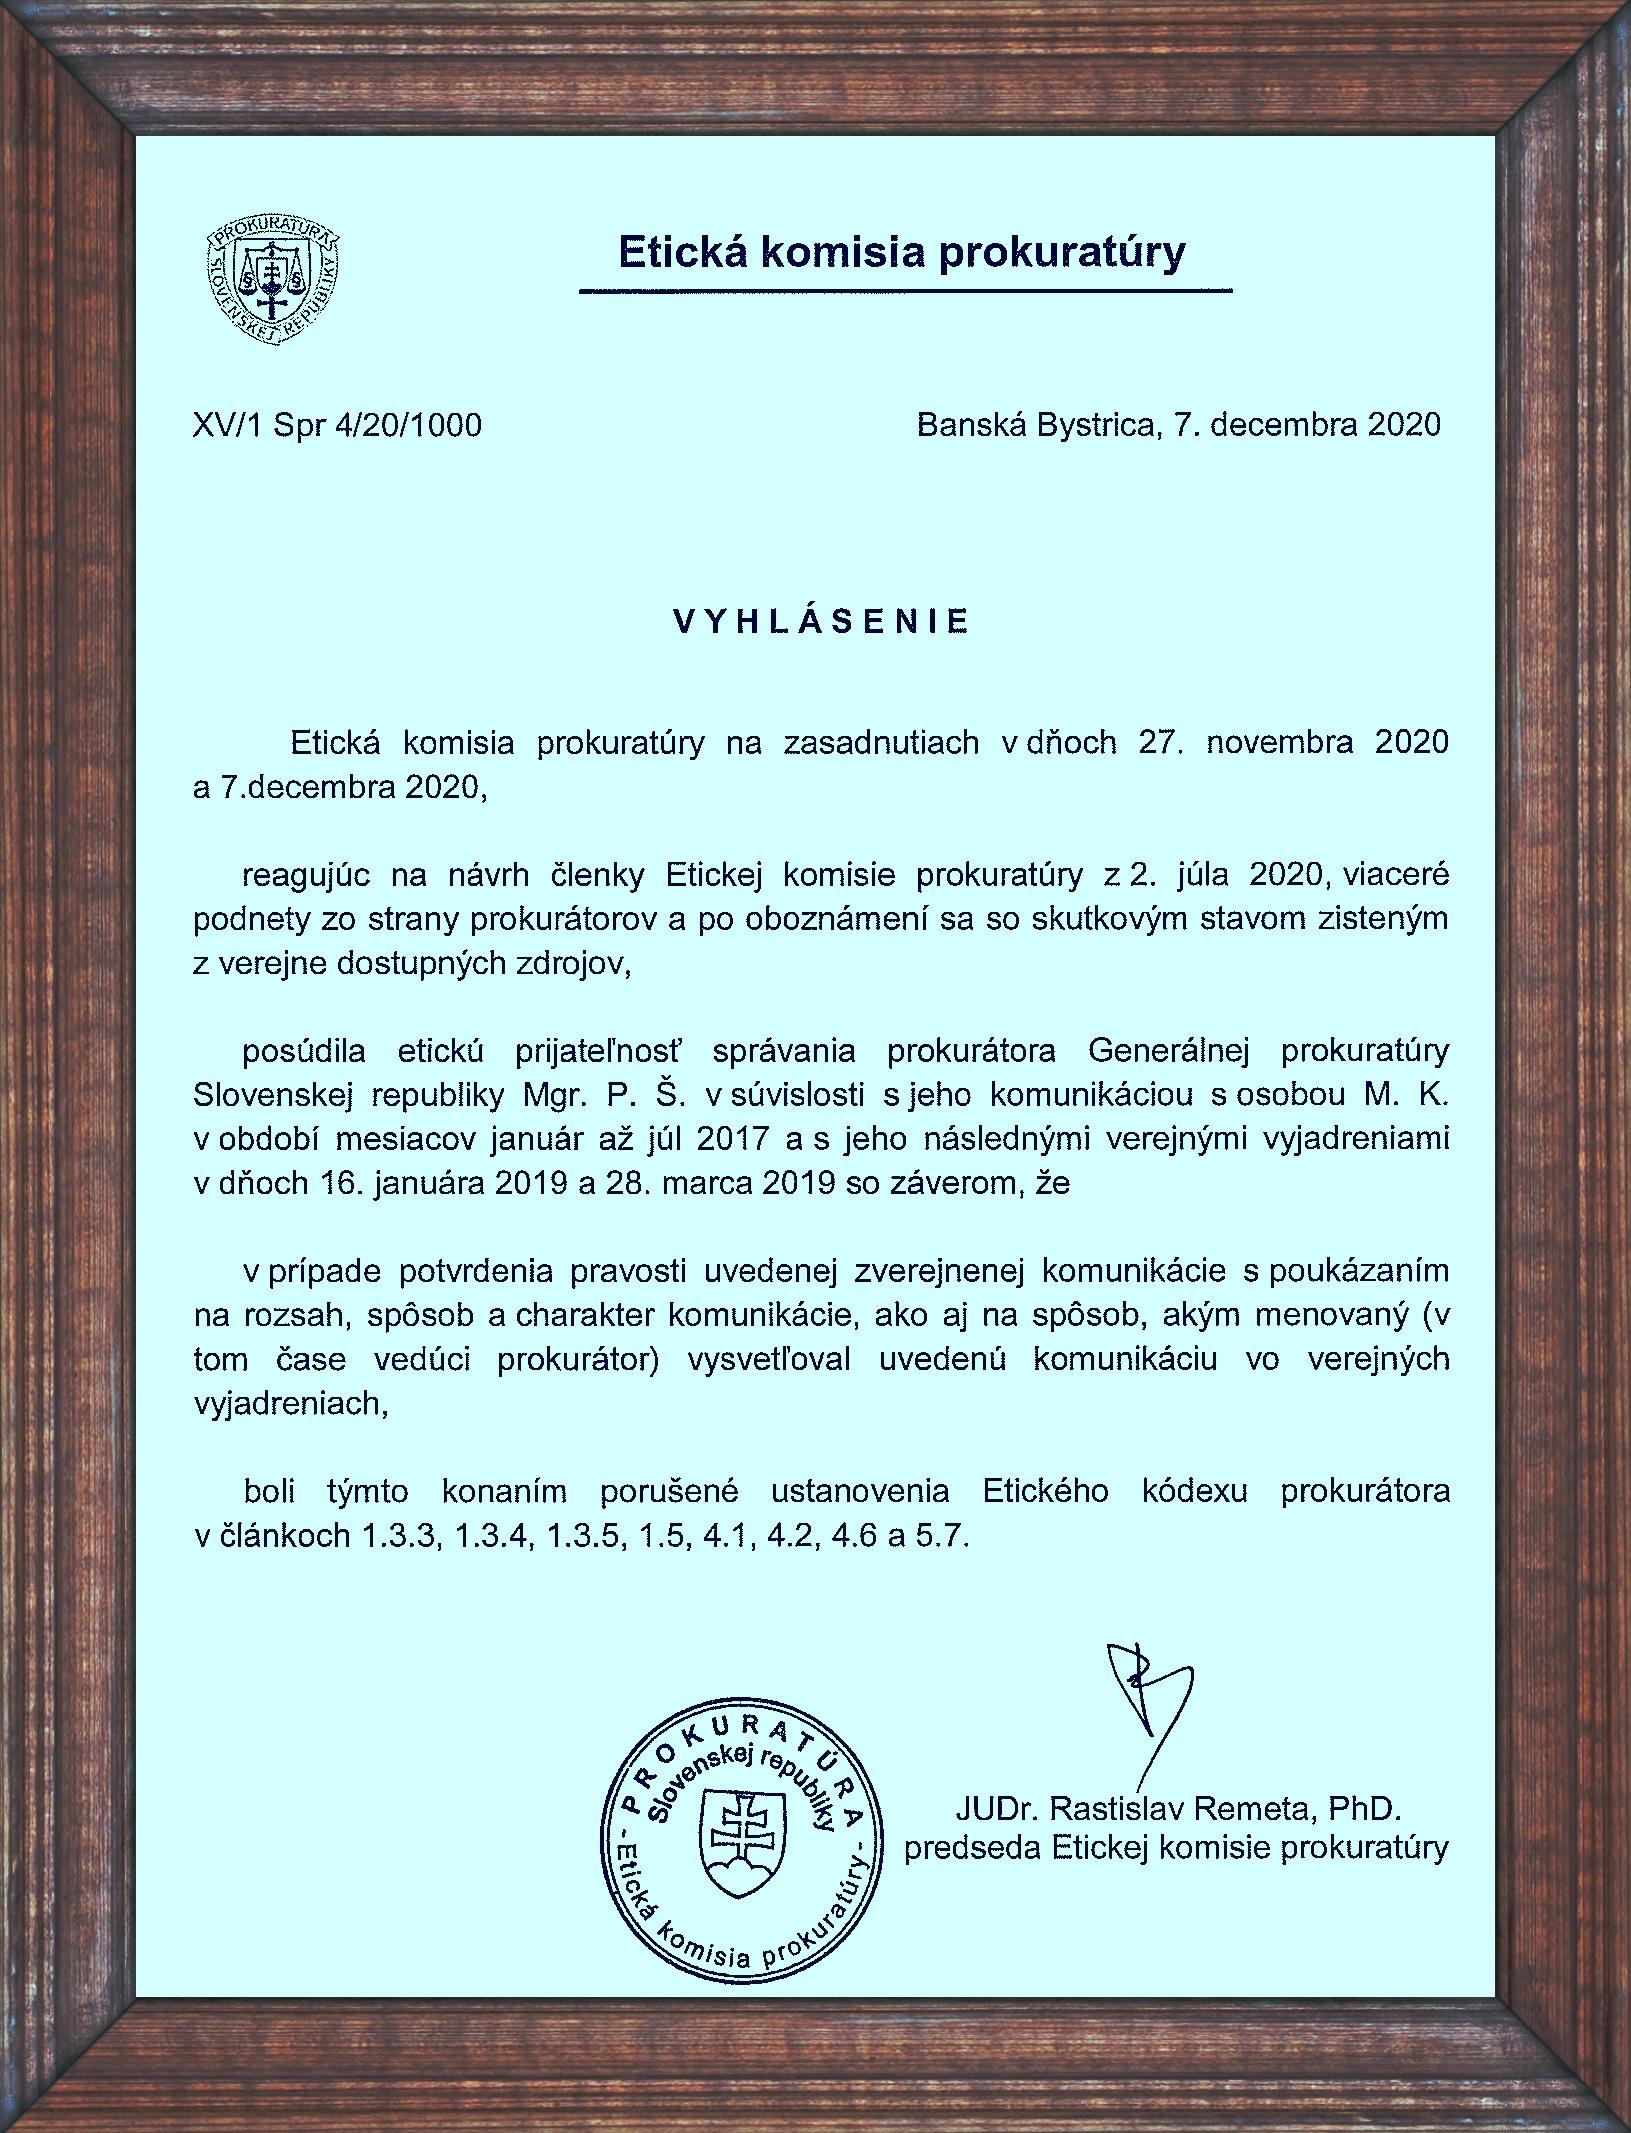 Etická komisia prokuratúry rozhodla o komunikácii Šufliarskeho